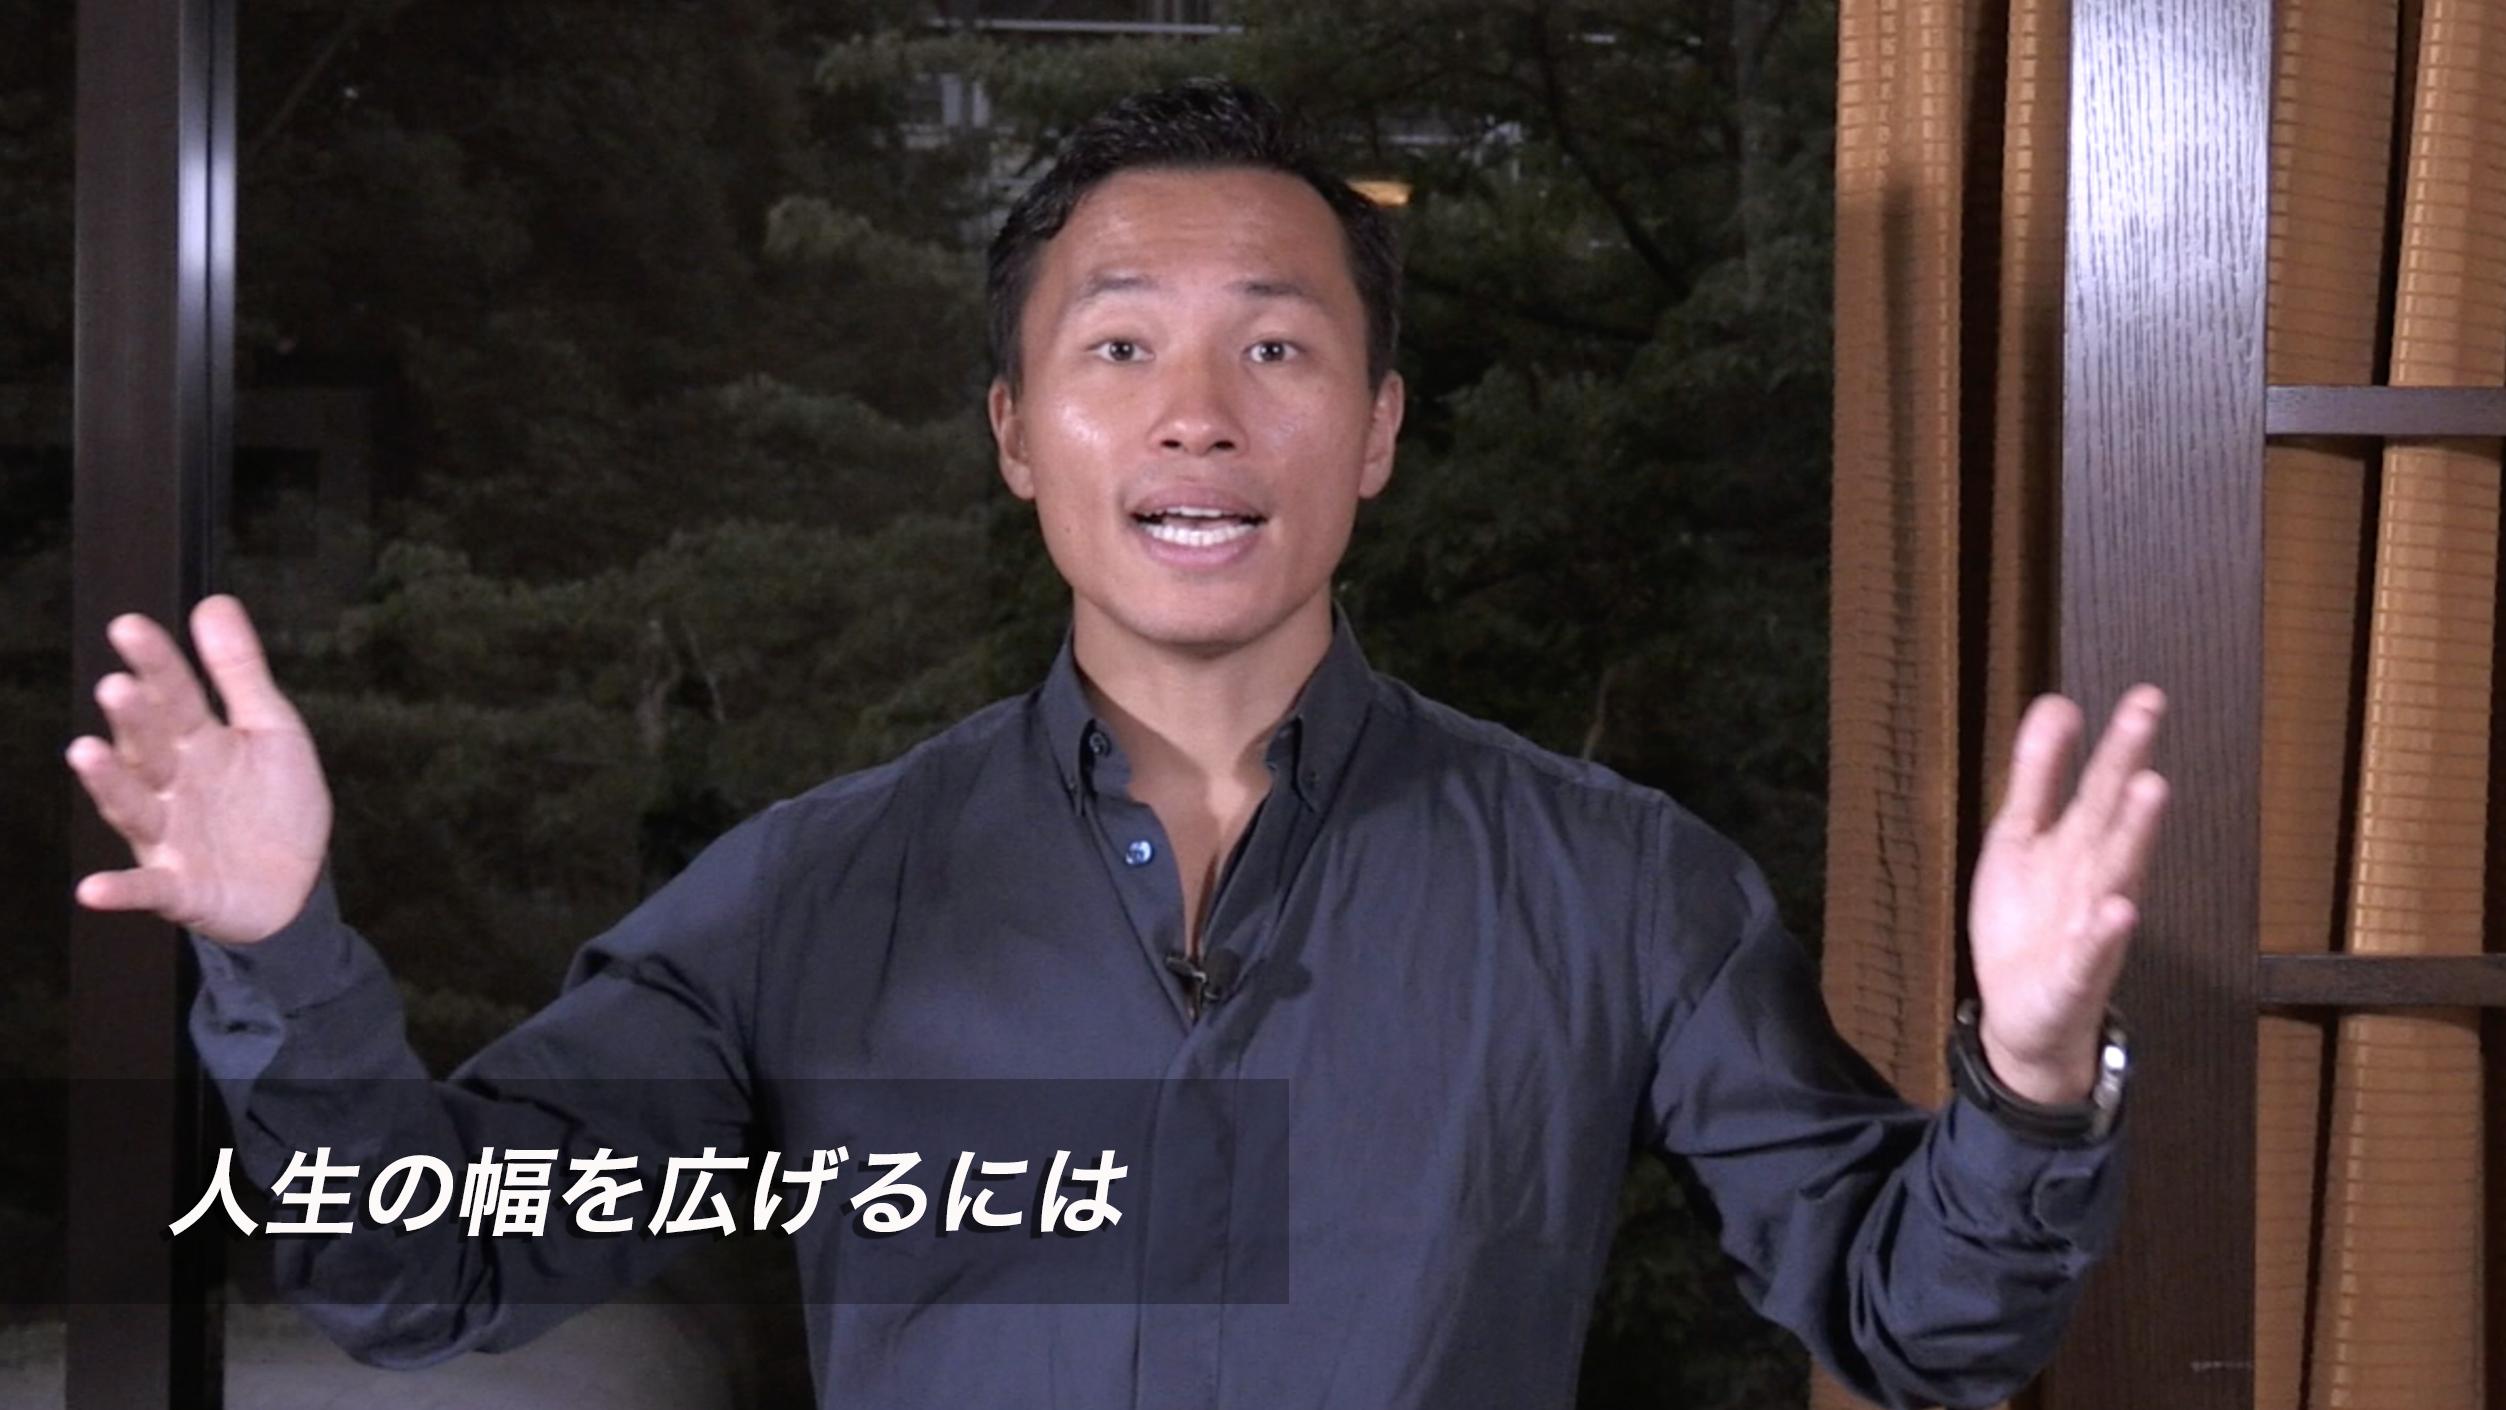 【より豊かで楽しい人生を生きることができる方法とは?】:井口晃